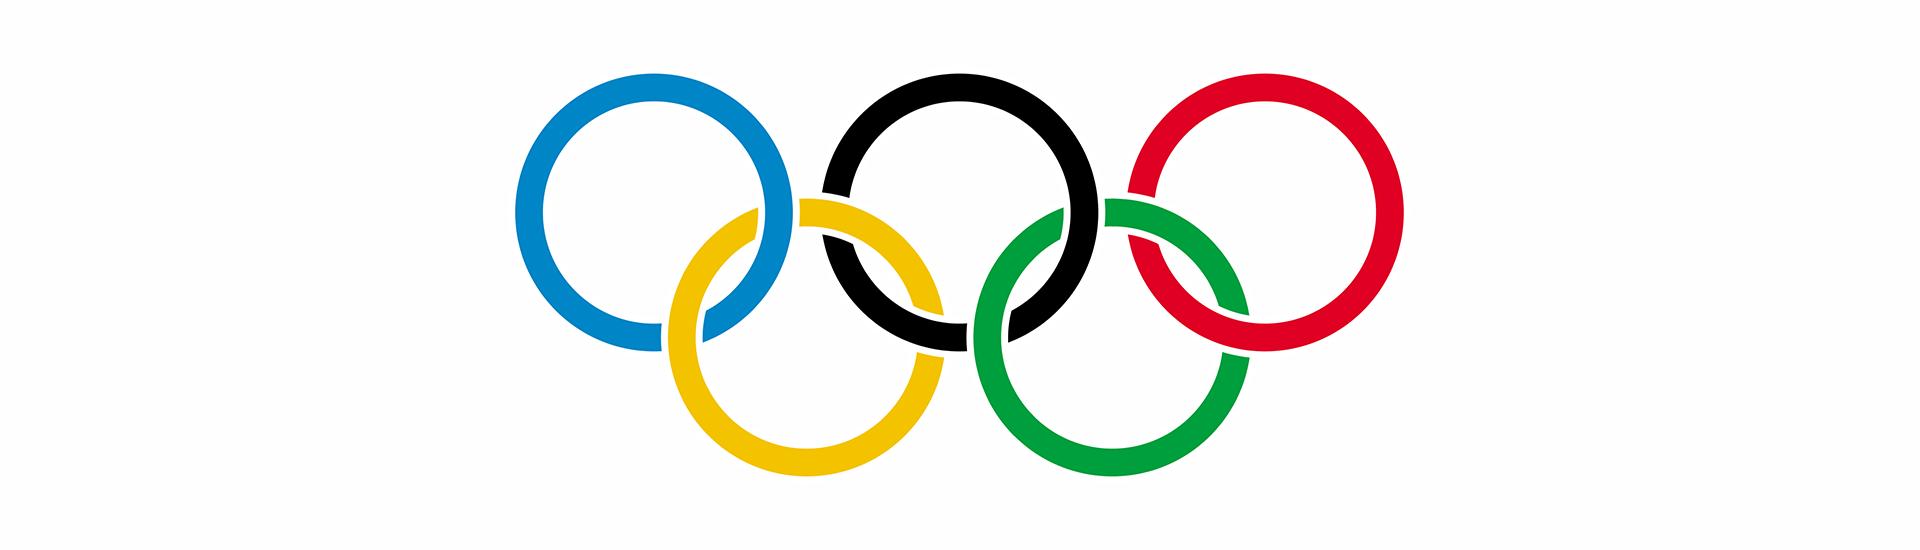 Специализированная детско-юношеская спортивная школа олимпийского резерва г. Ишима